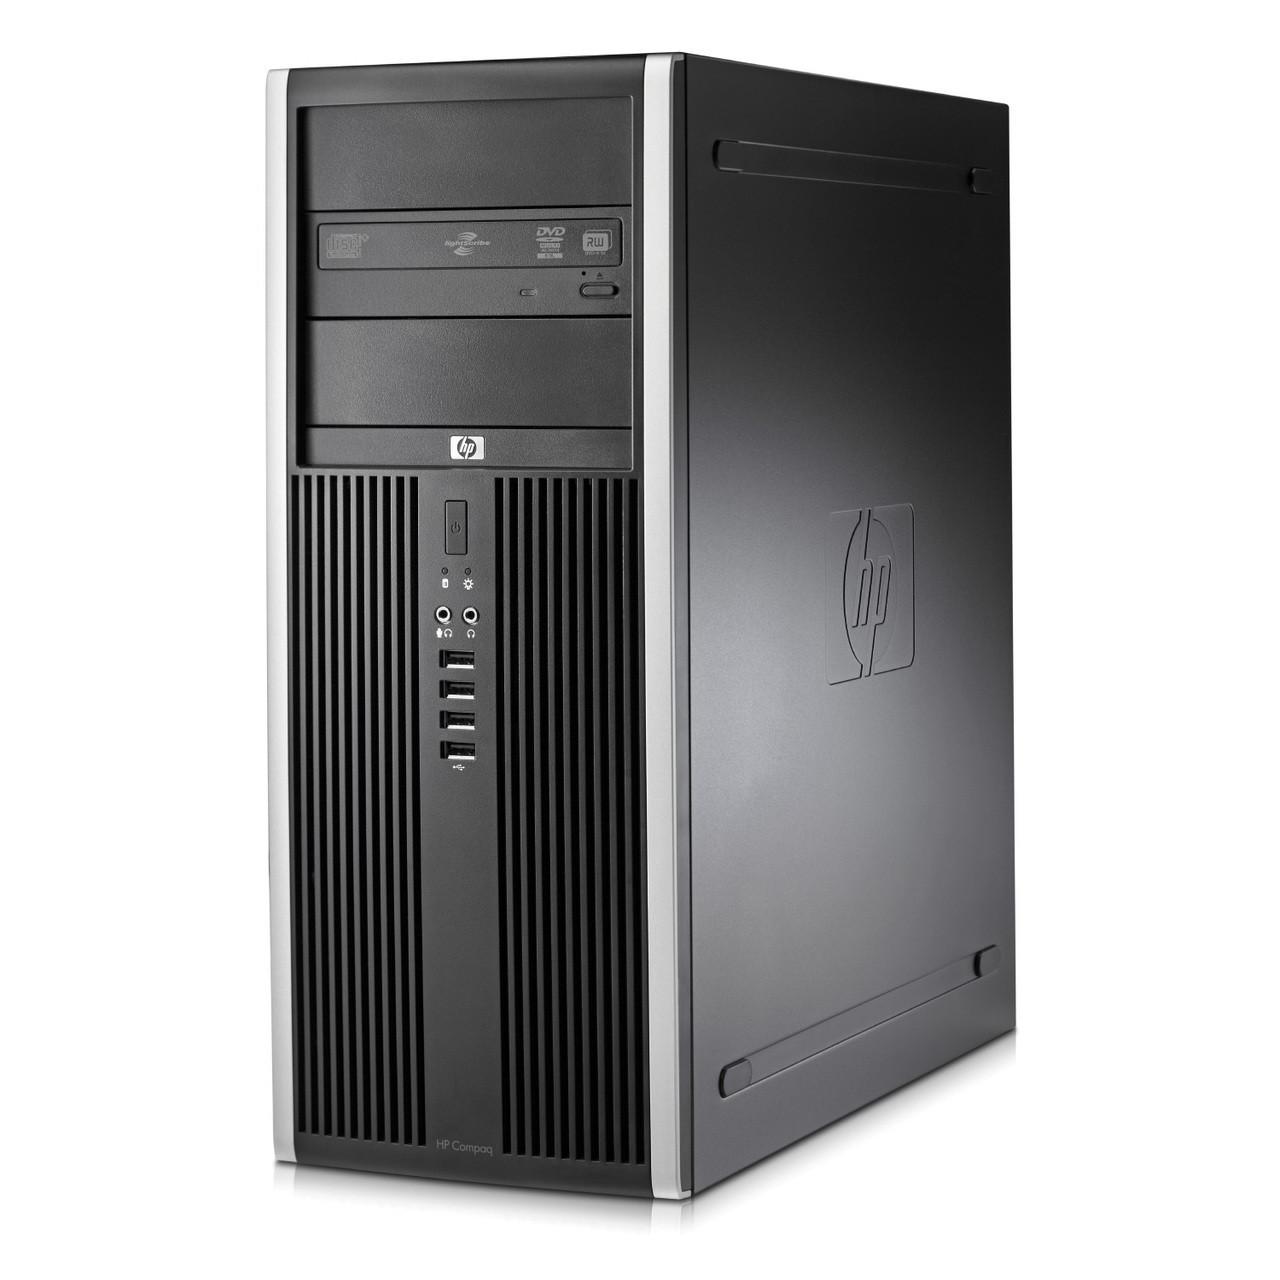 HP DC8000 Tower / Intel Core 2 Duo E8400 (2 ядра по 3.0 GHz) / 4 GB DDR3 / 250 GB HDD / GeForce GT 430 1 GB